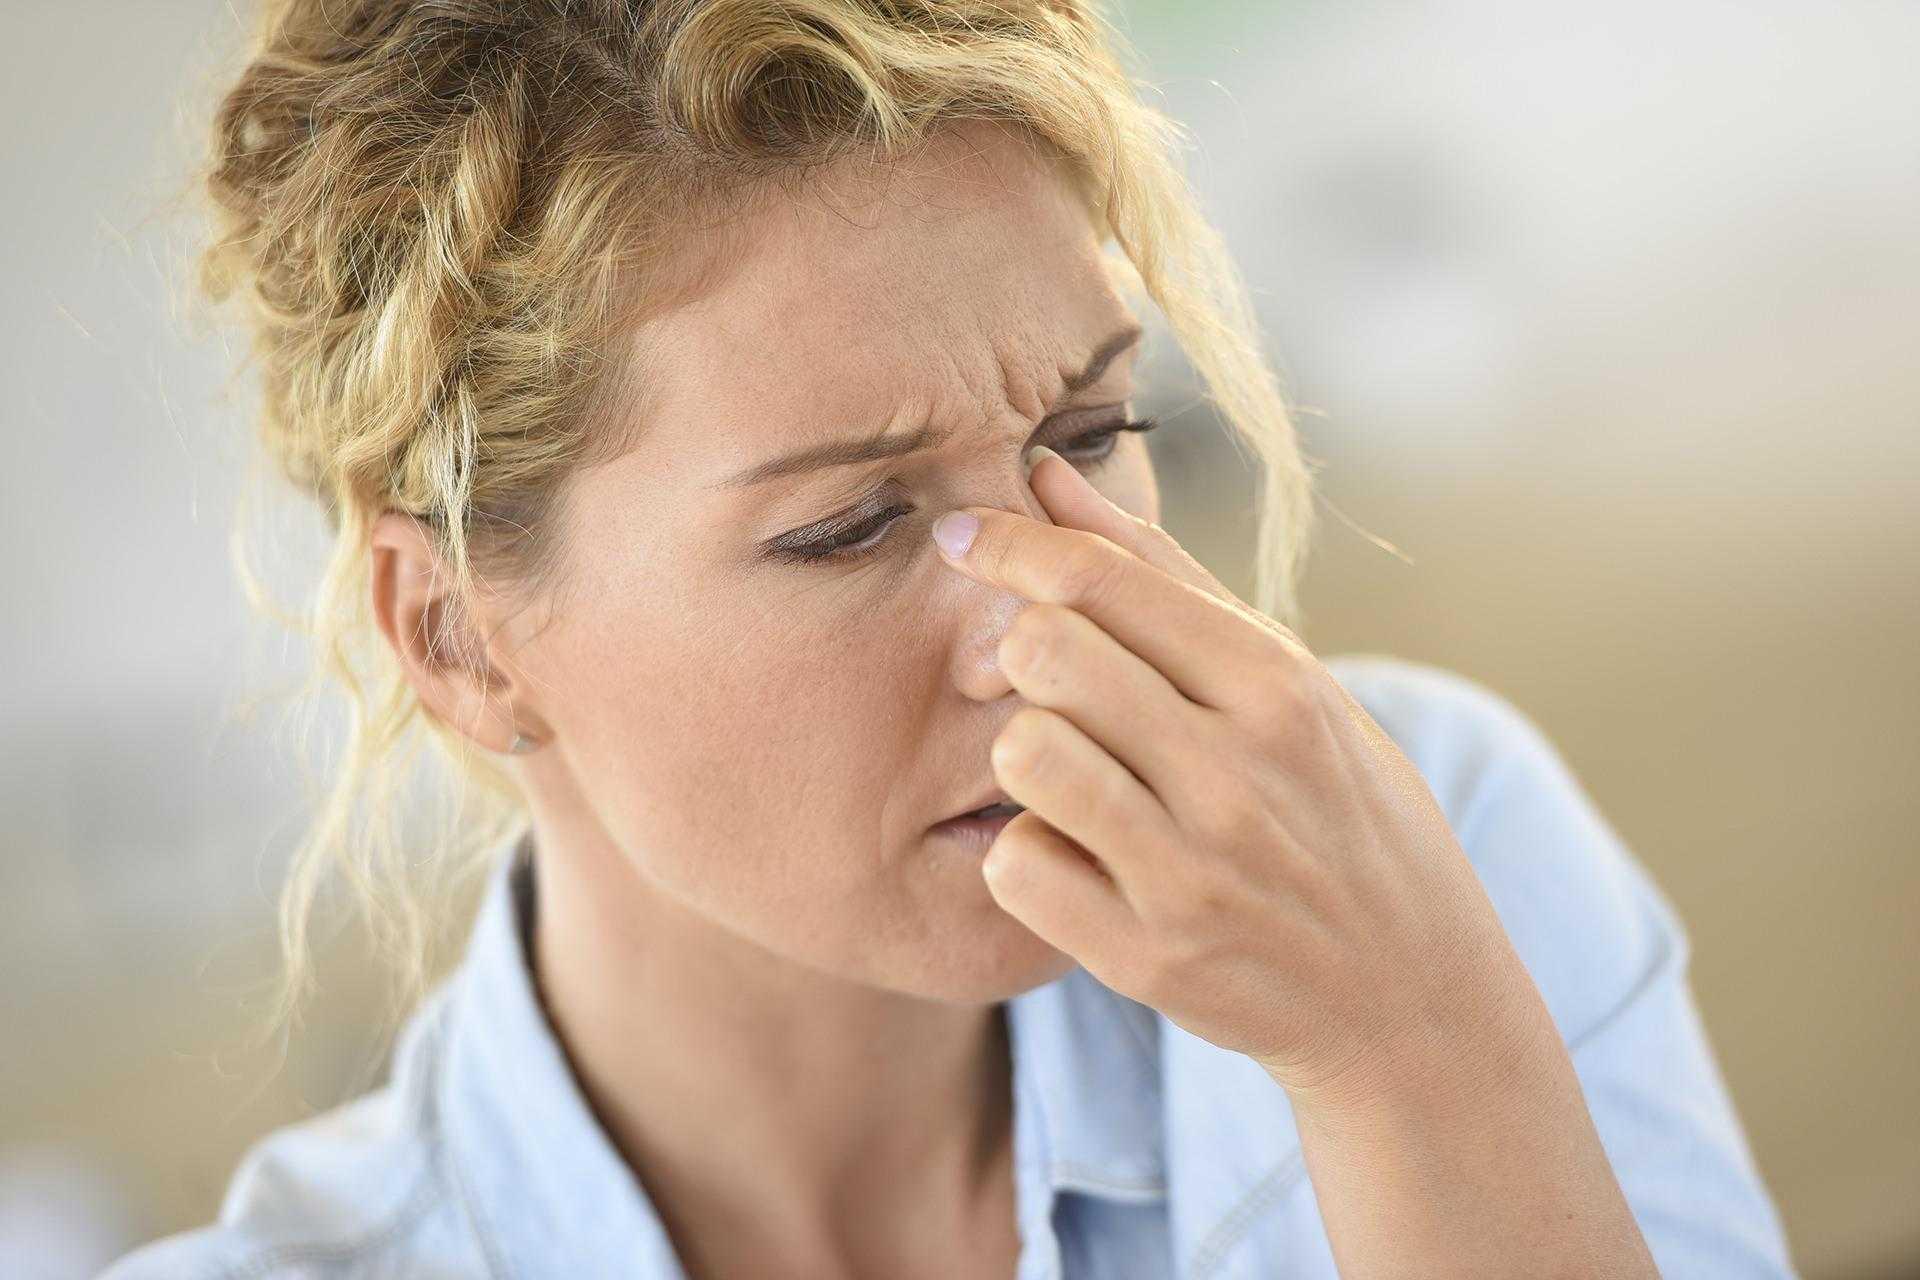 Что такое хроническая инфекция носовых пазух